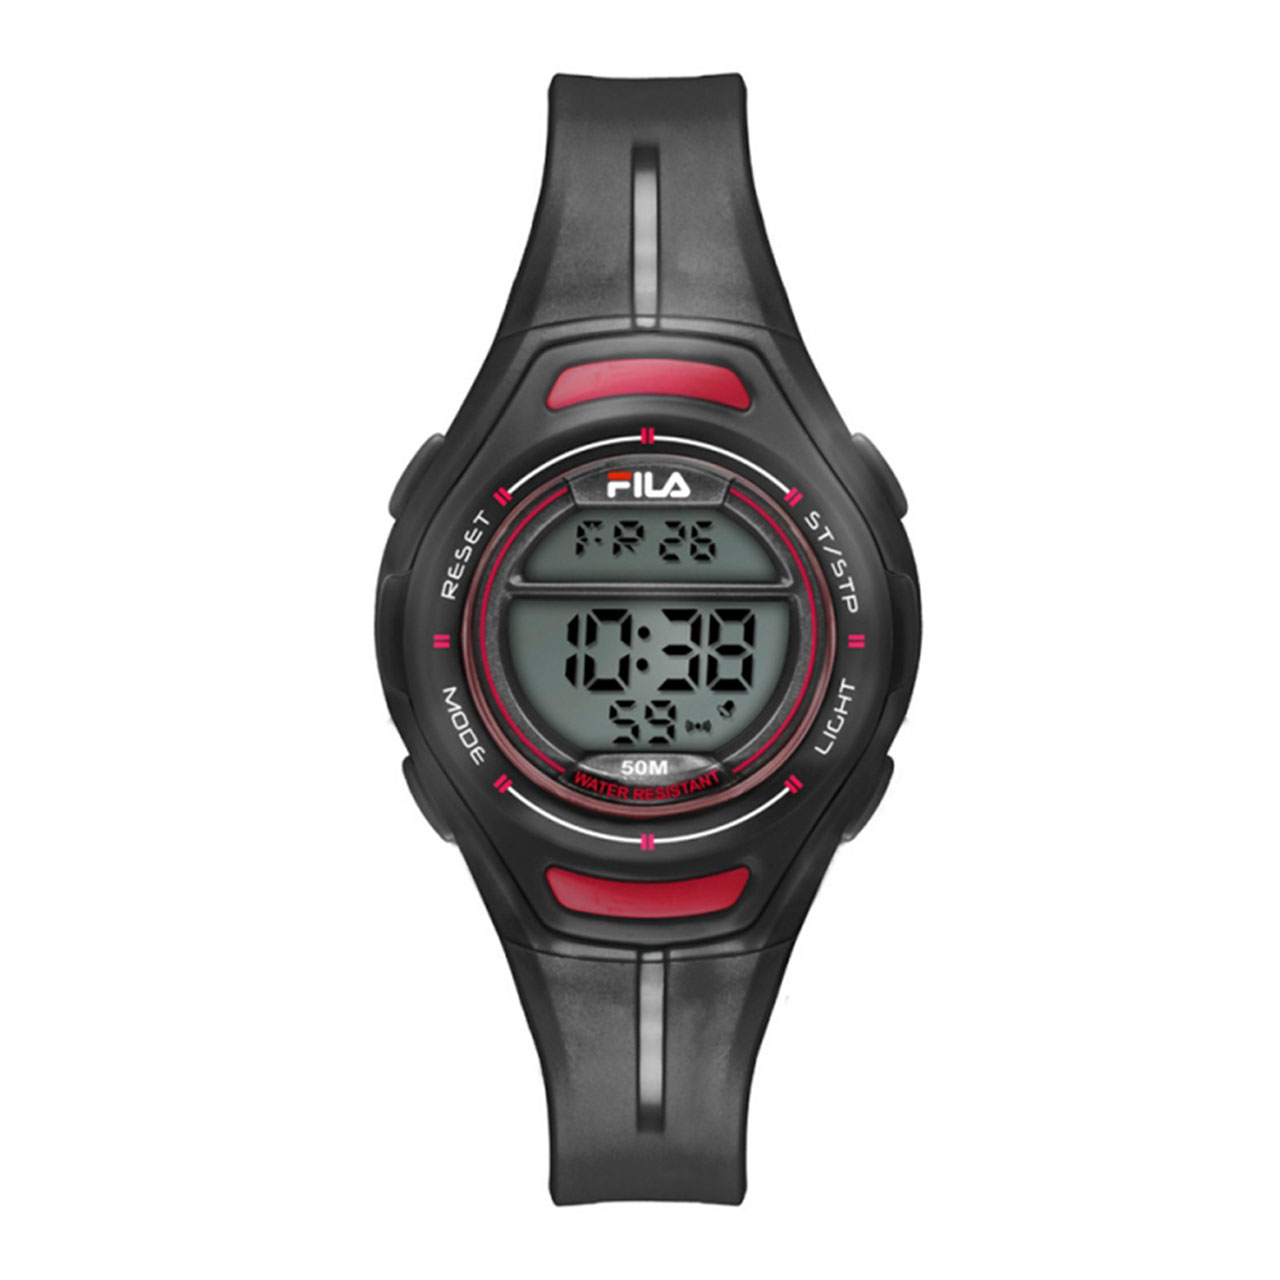 ساعت مچی دیجیتالی زنانه ی فیلا مدل 38-098-003 2